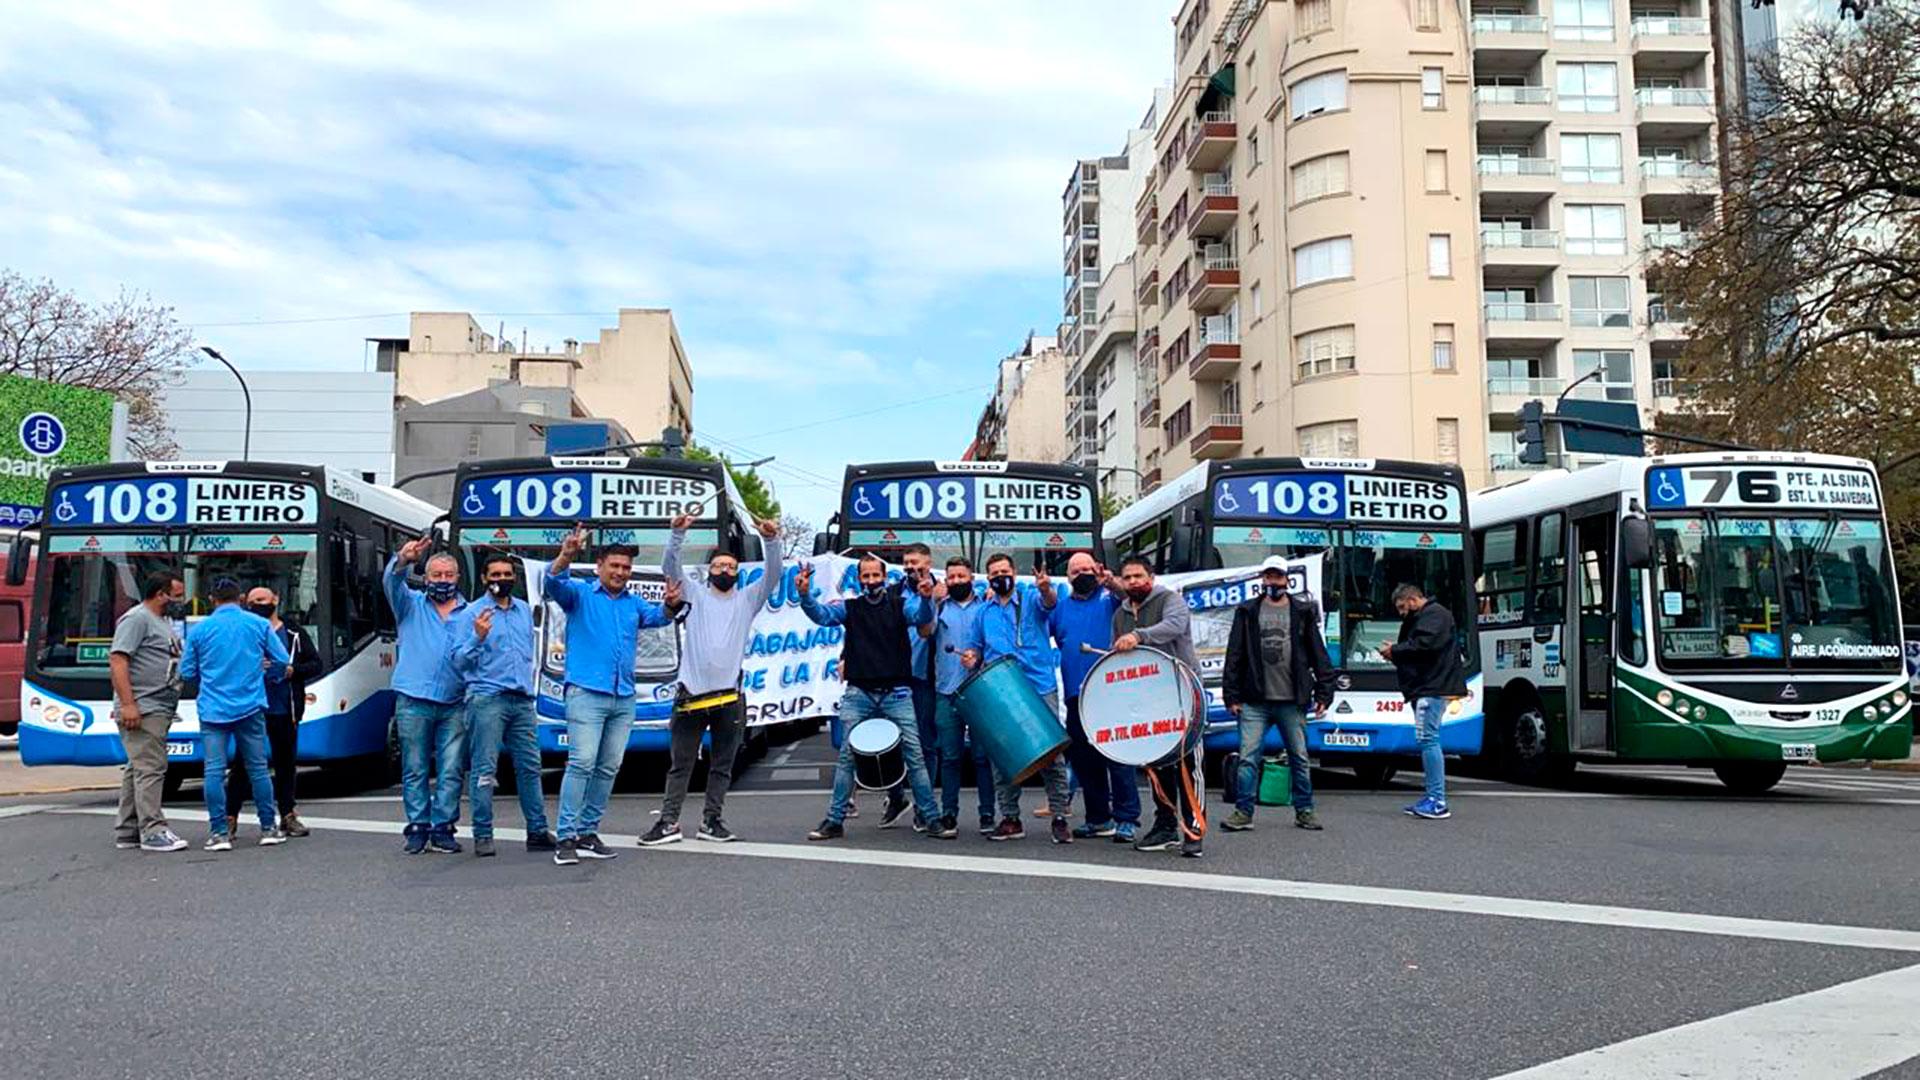 Con bombos y redoblantes, los colectiveros de la Línea 108 participaron de la caravana de la lealtad hacia el Obelisco